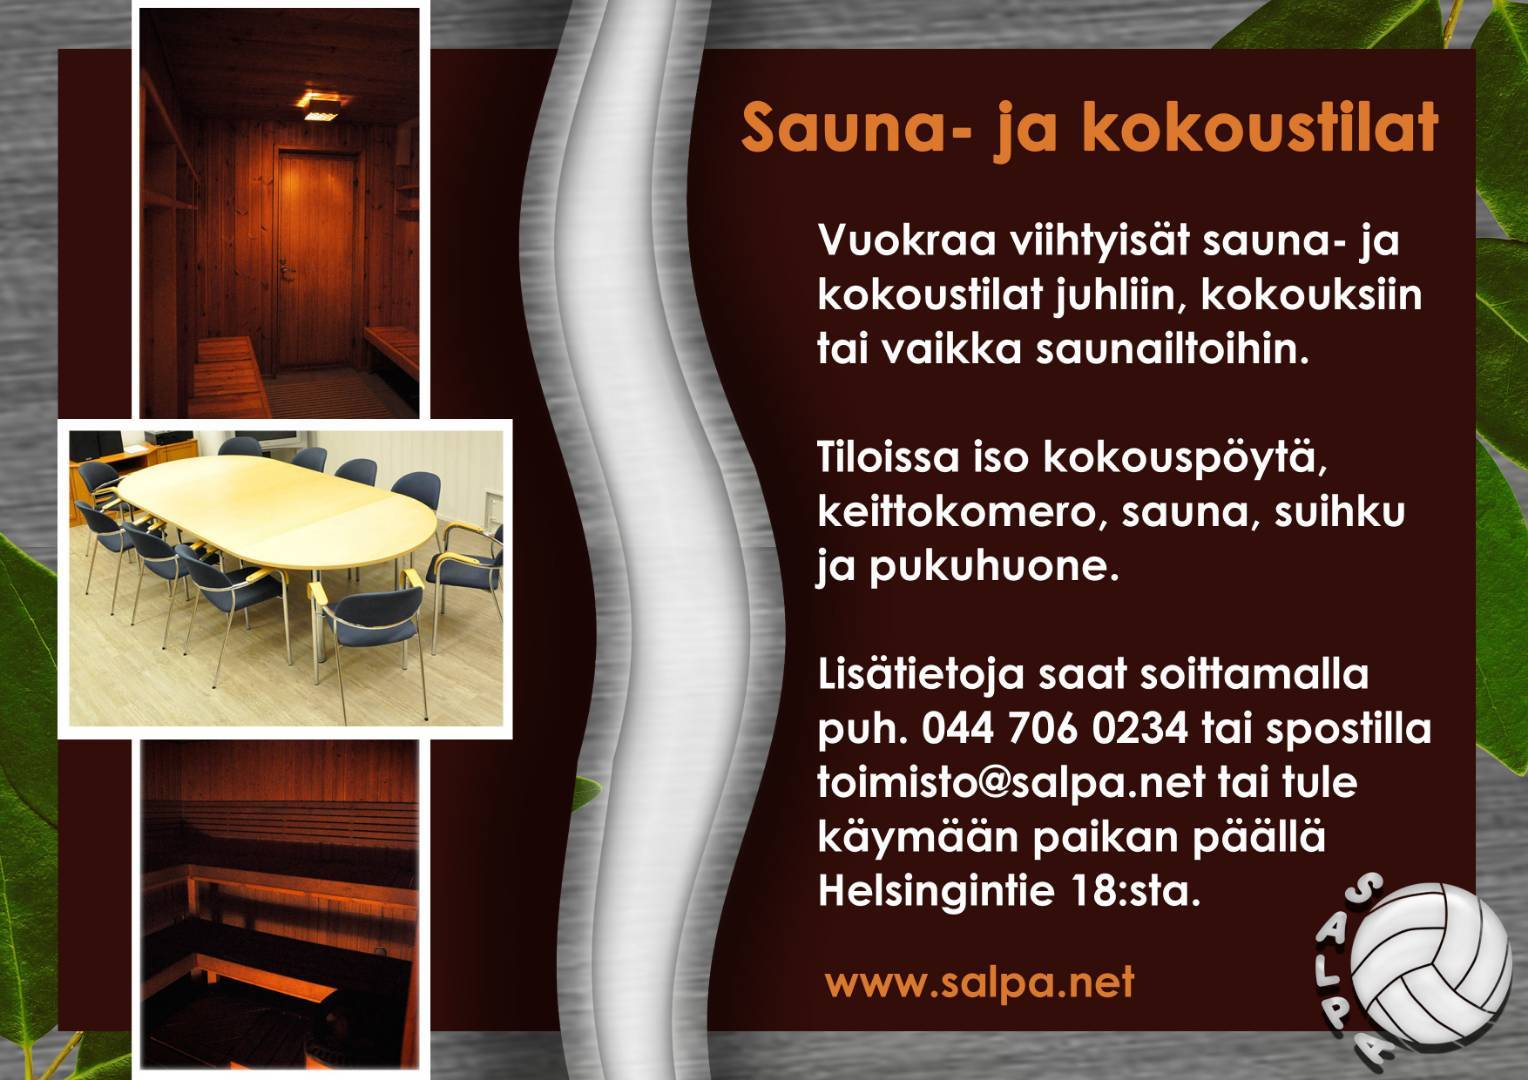 Sauna- ja kokoustilat